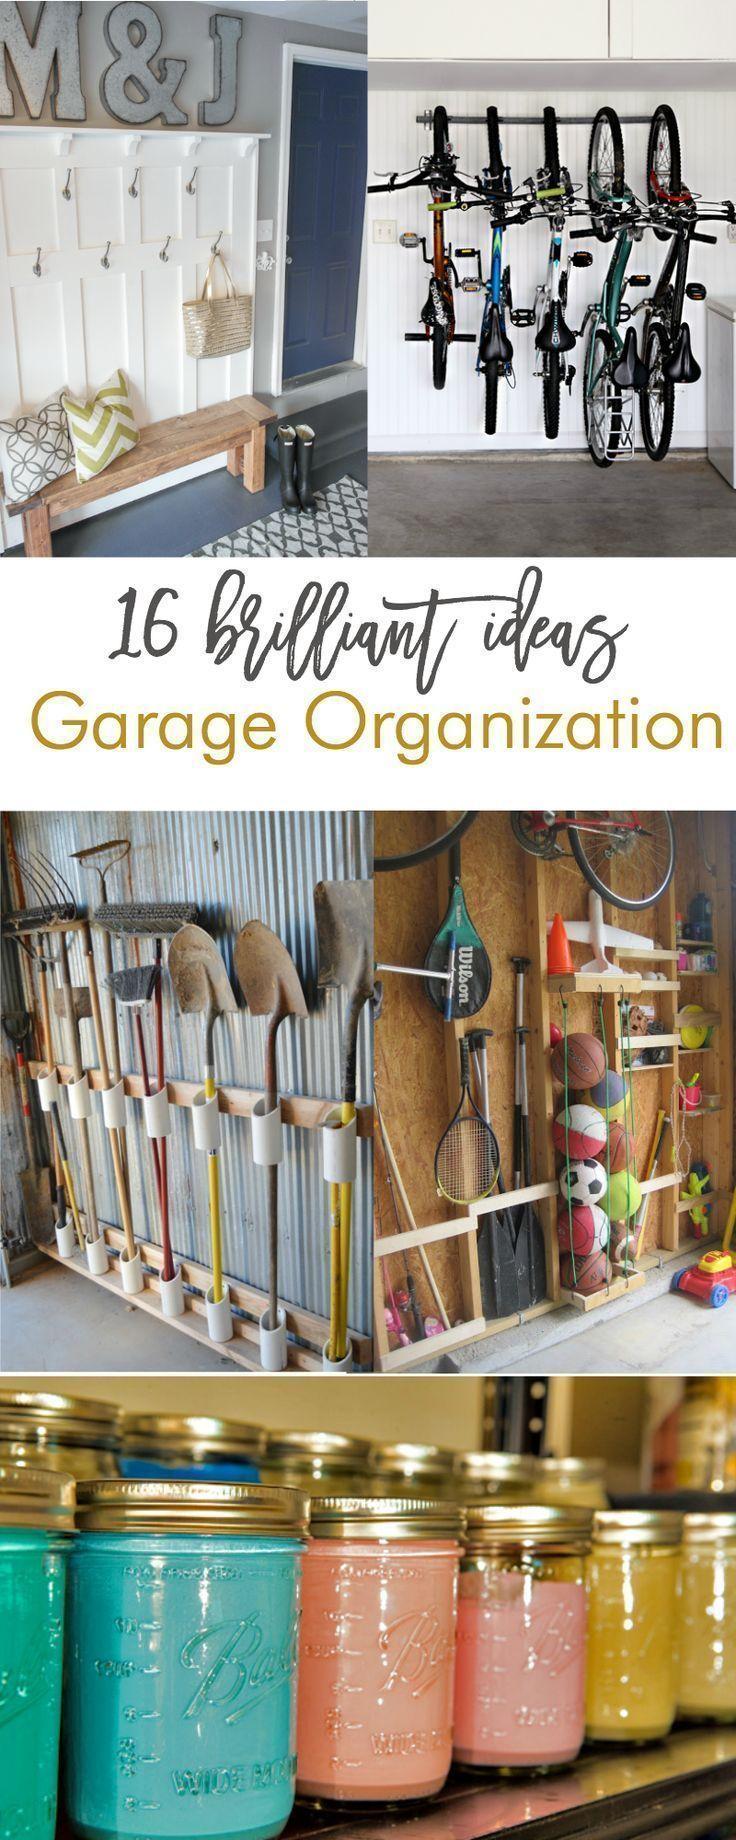 Küchenschränke in der garage  best organisation ideas images on pinterest  decorating ideas